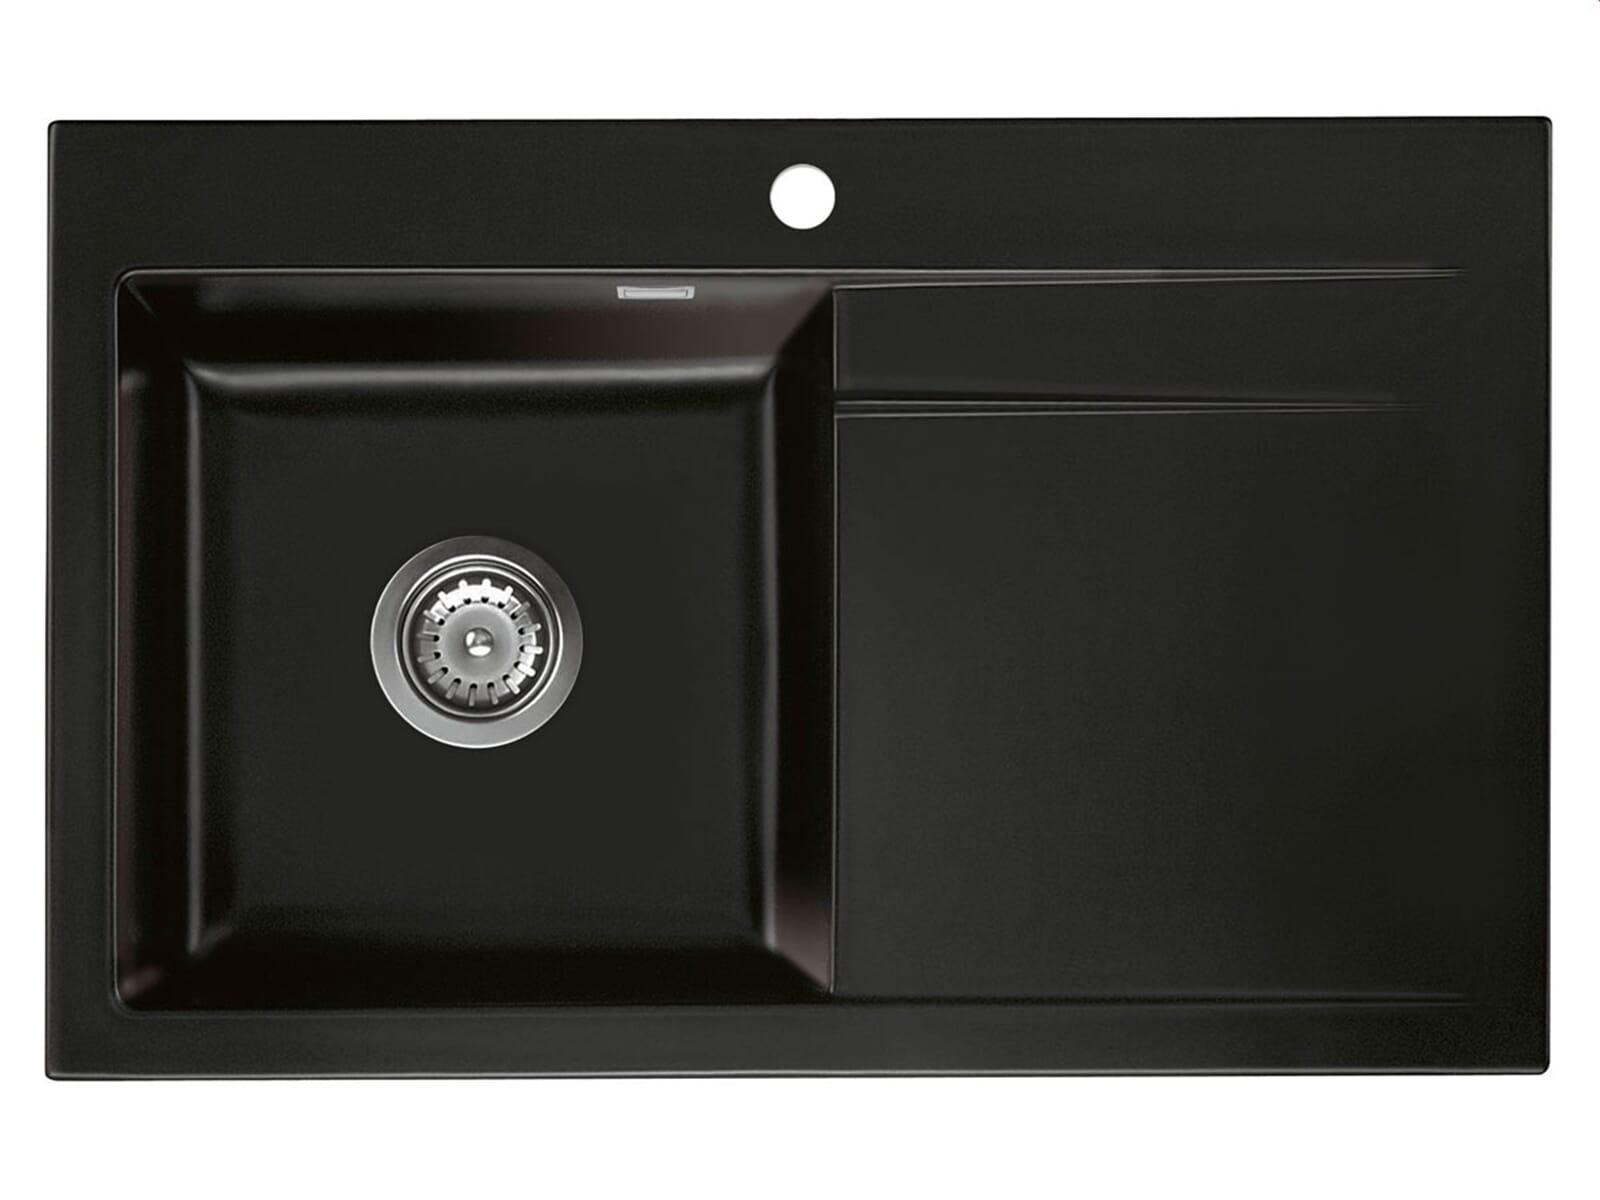 d8532f3fb559b5 Systemceram Stema 80 Nero Keramikspüle Handbetätigung